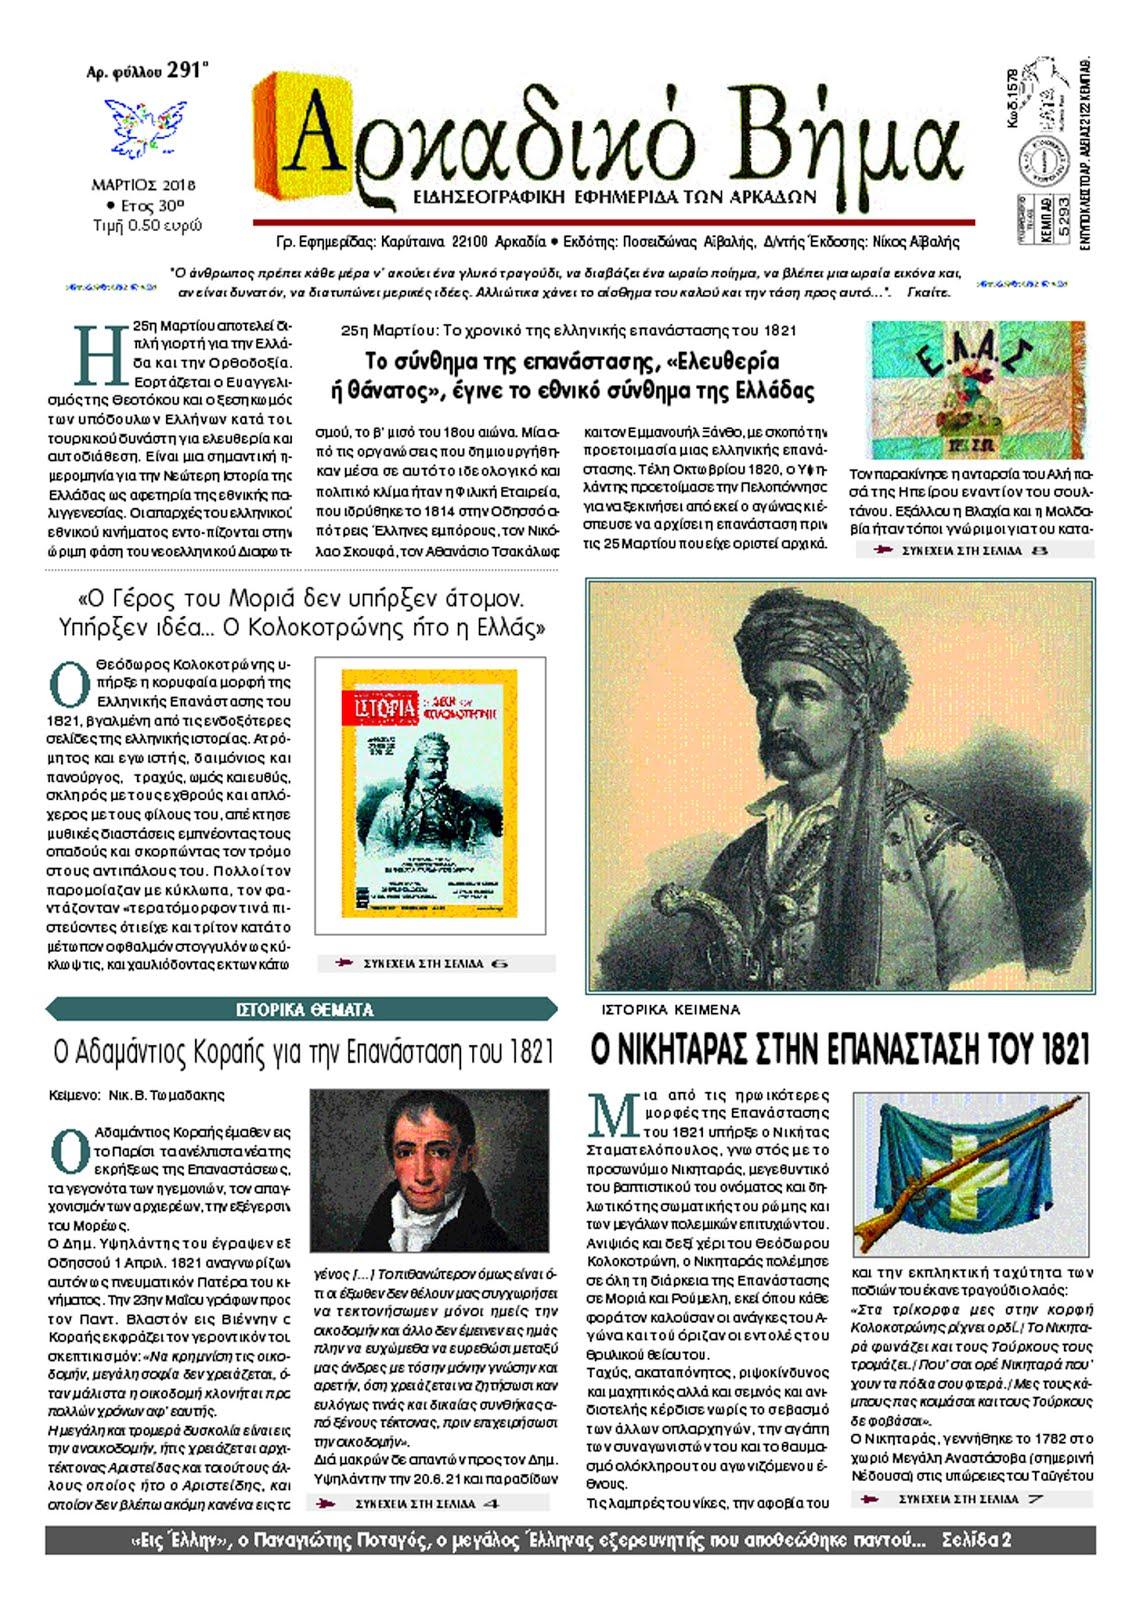 Σελίδες Αρκαδικό Βήμα: Κυκλοφόρησε το φύλλο Μαρτίου 2018